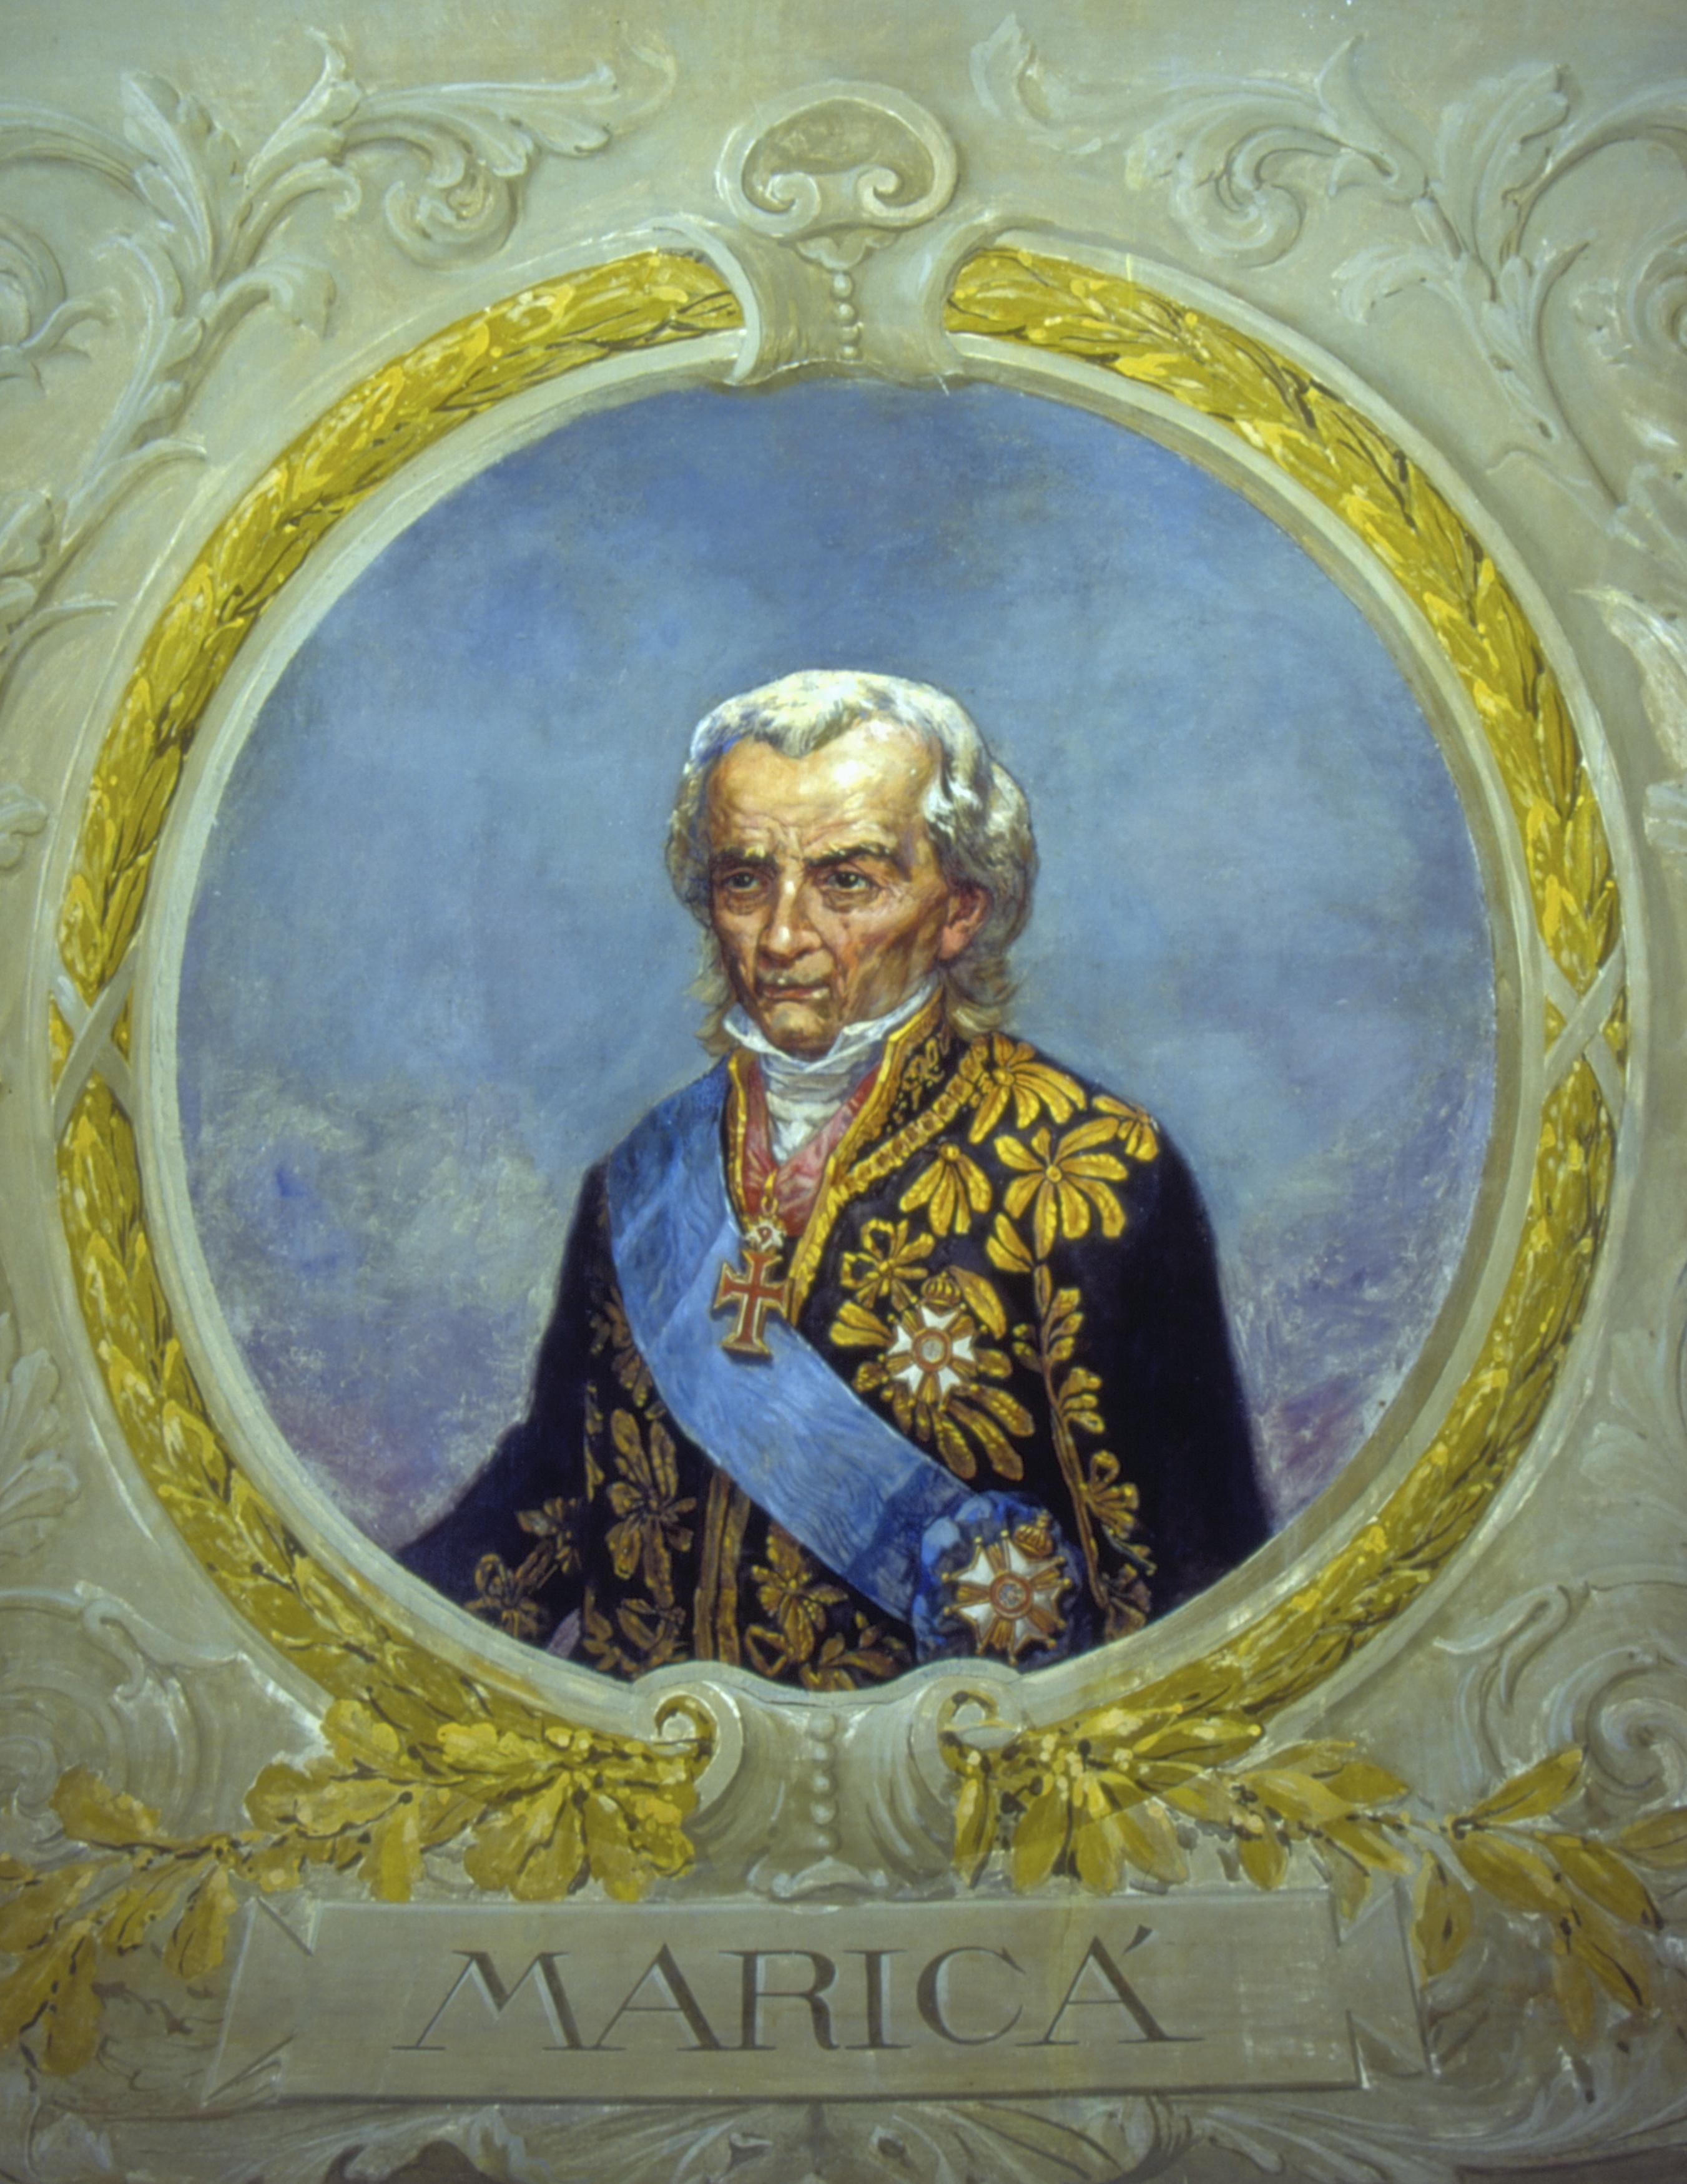 Veja o que saiu no Migalhas sobre Mariano José Pereira da Fonseca